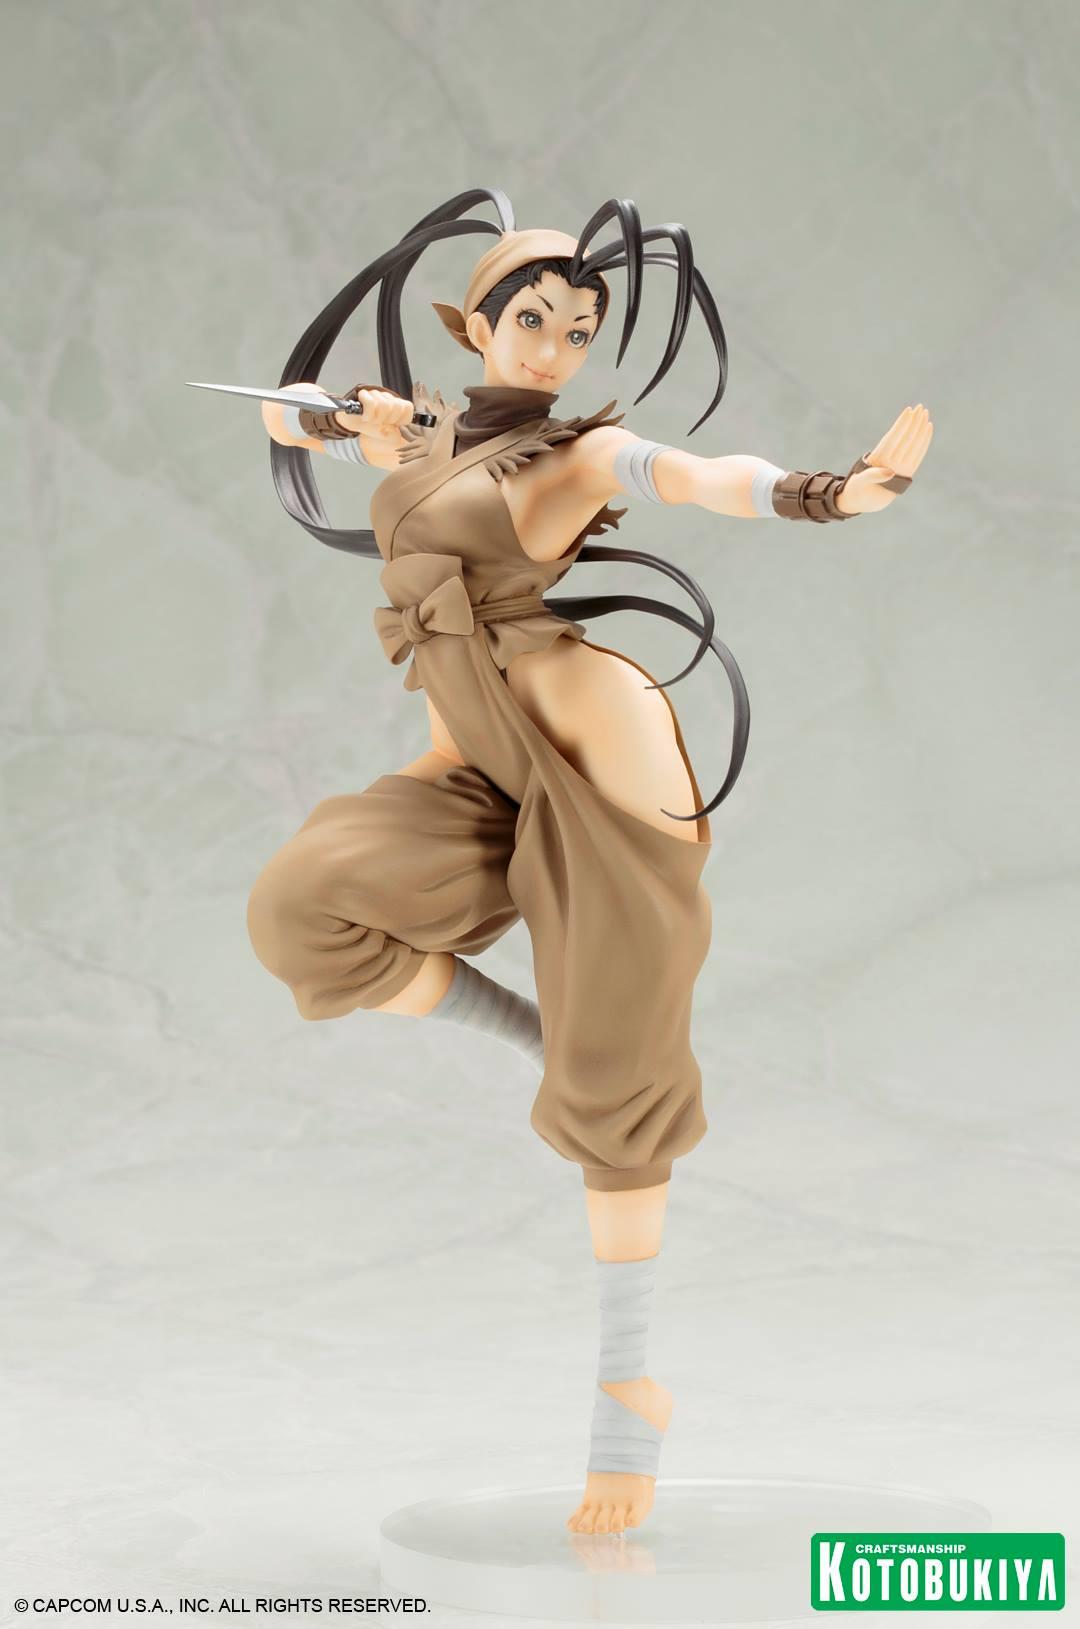 ibuki-street-fighter-bishoujo-statue-kotobukiya-1